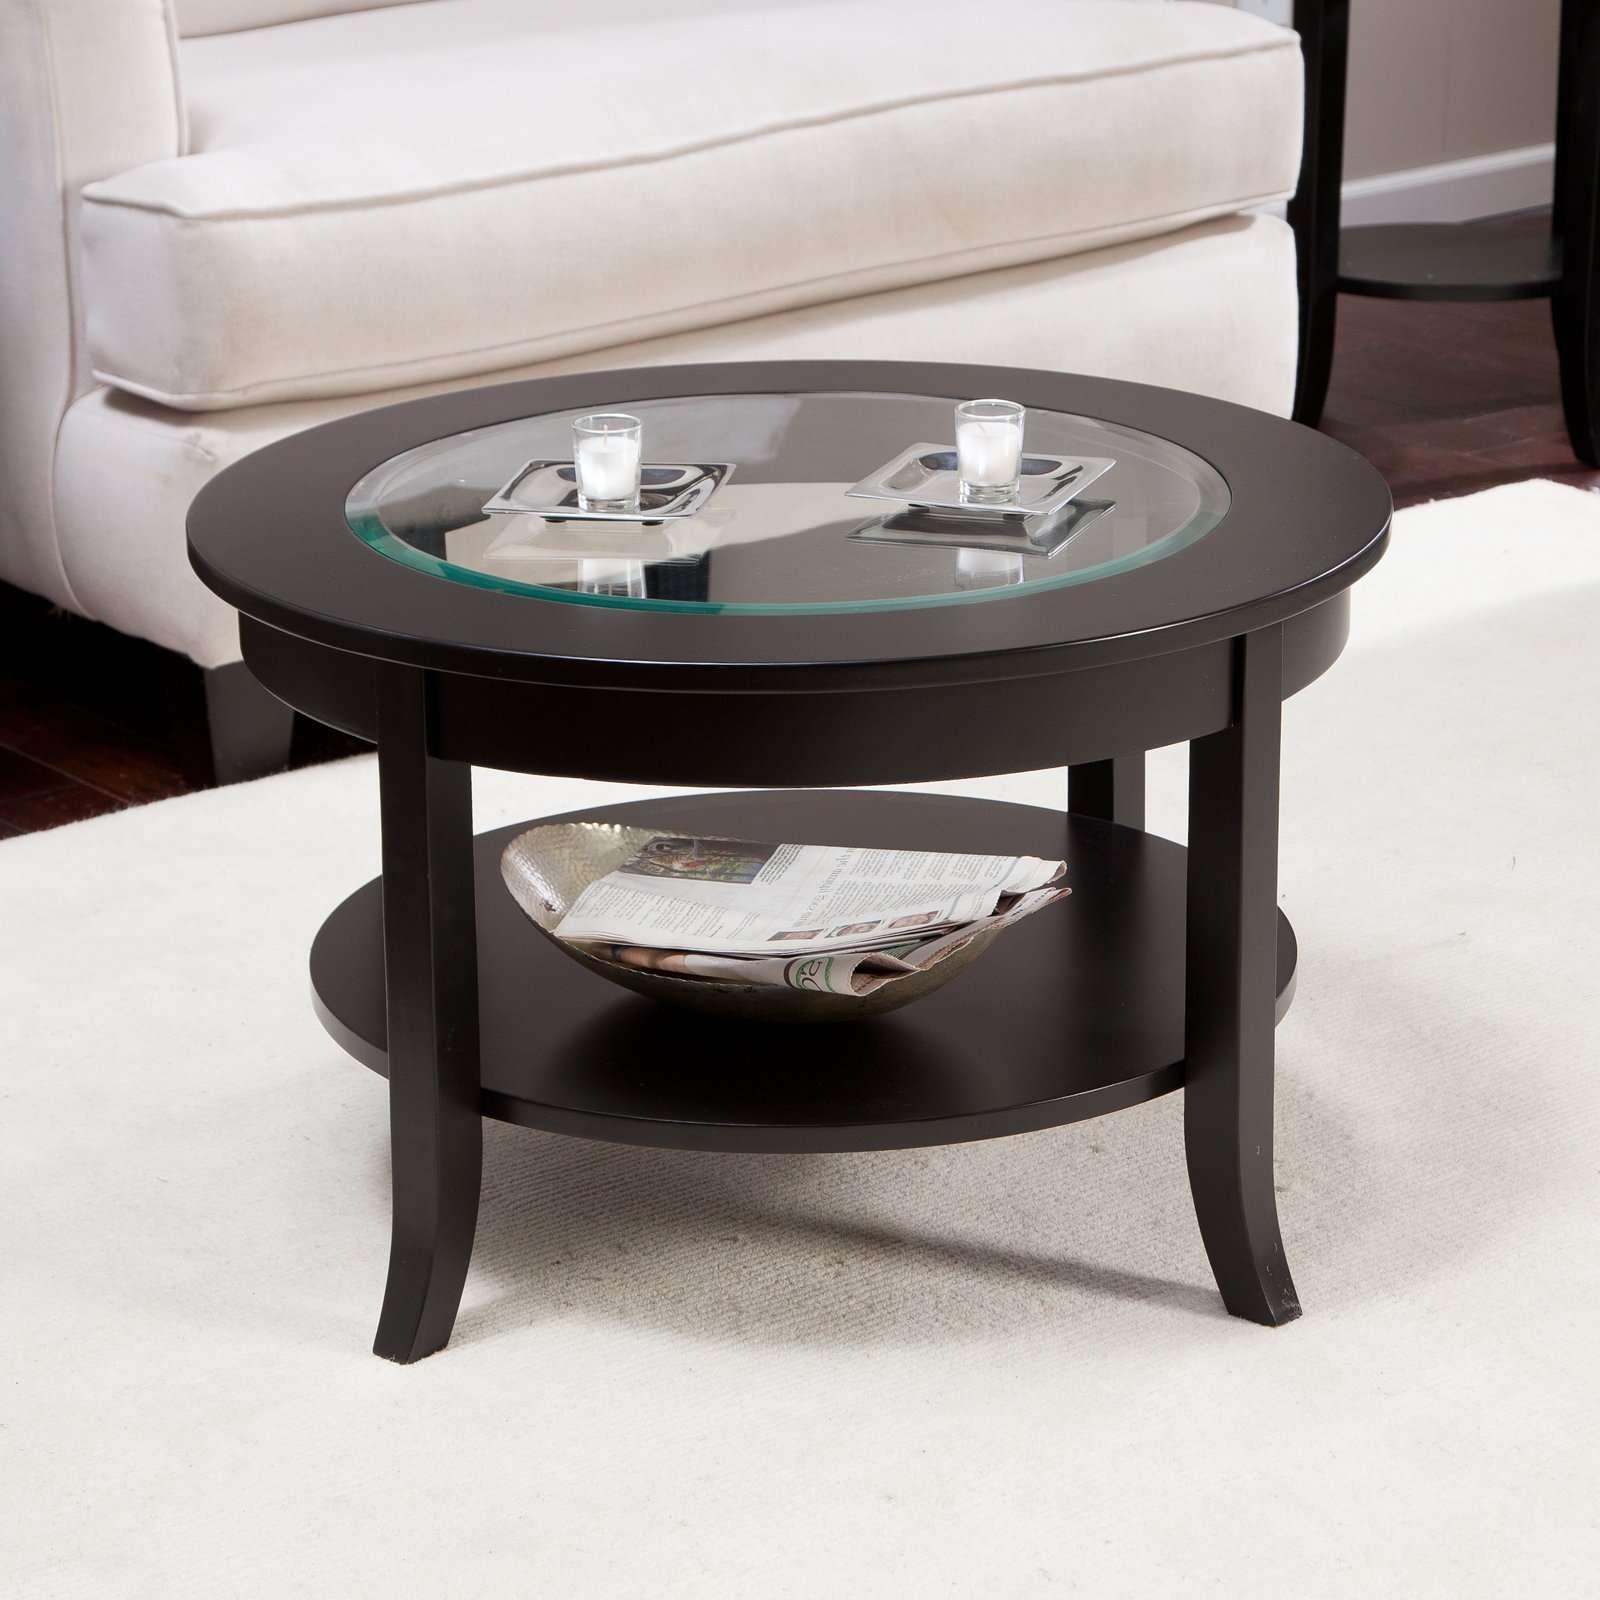 Hayneedle Regarding Popular Circular Coffee Tables (Gallery 10 of 20)